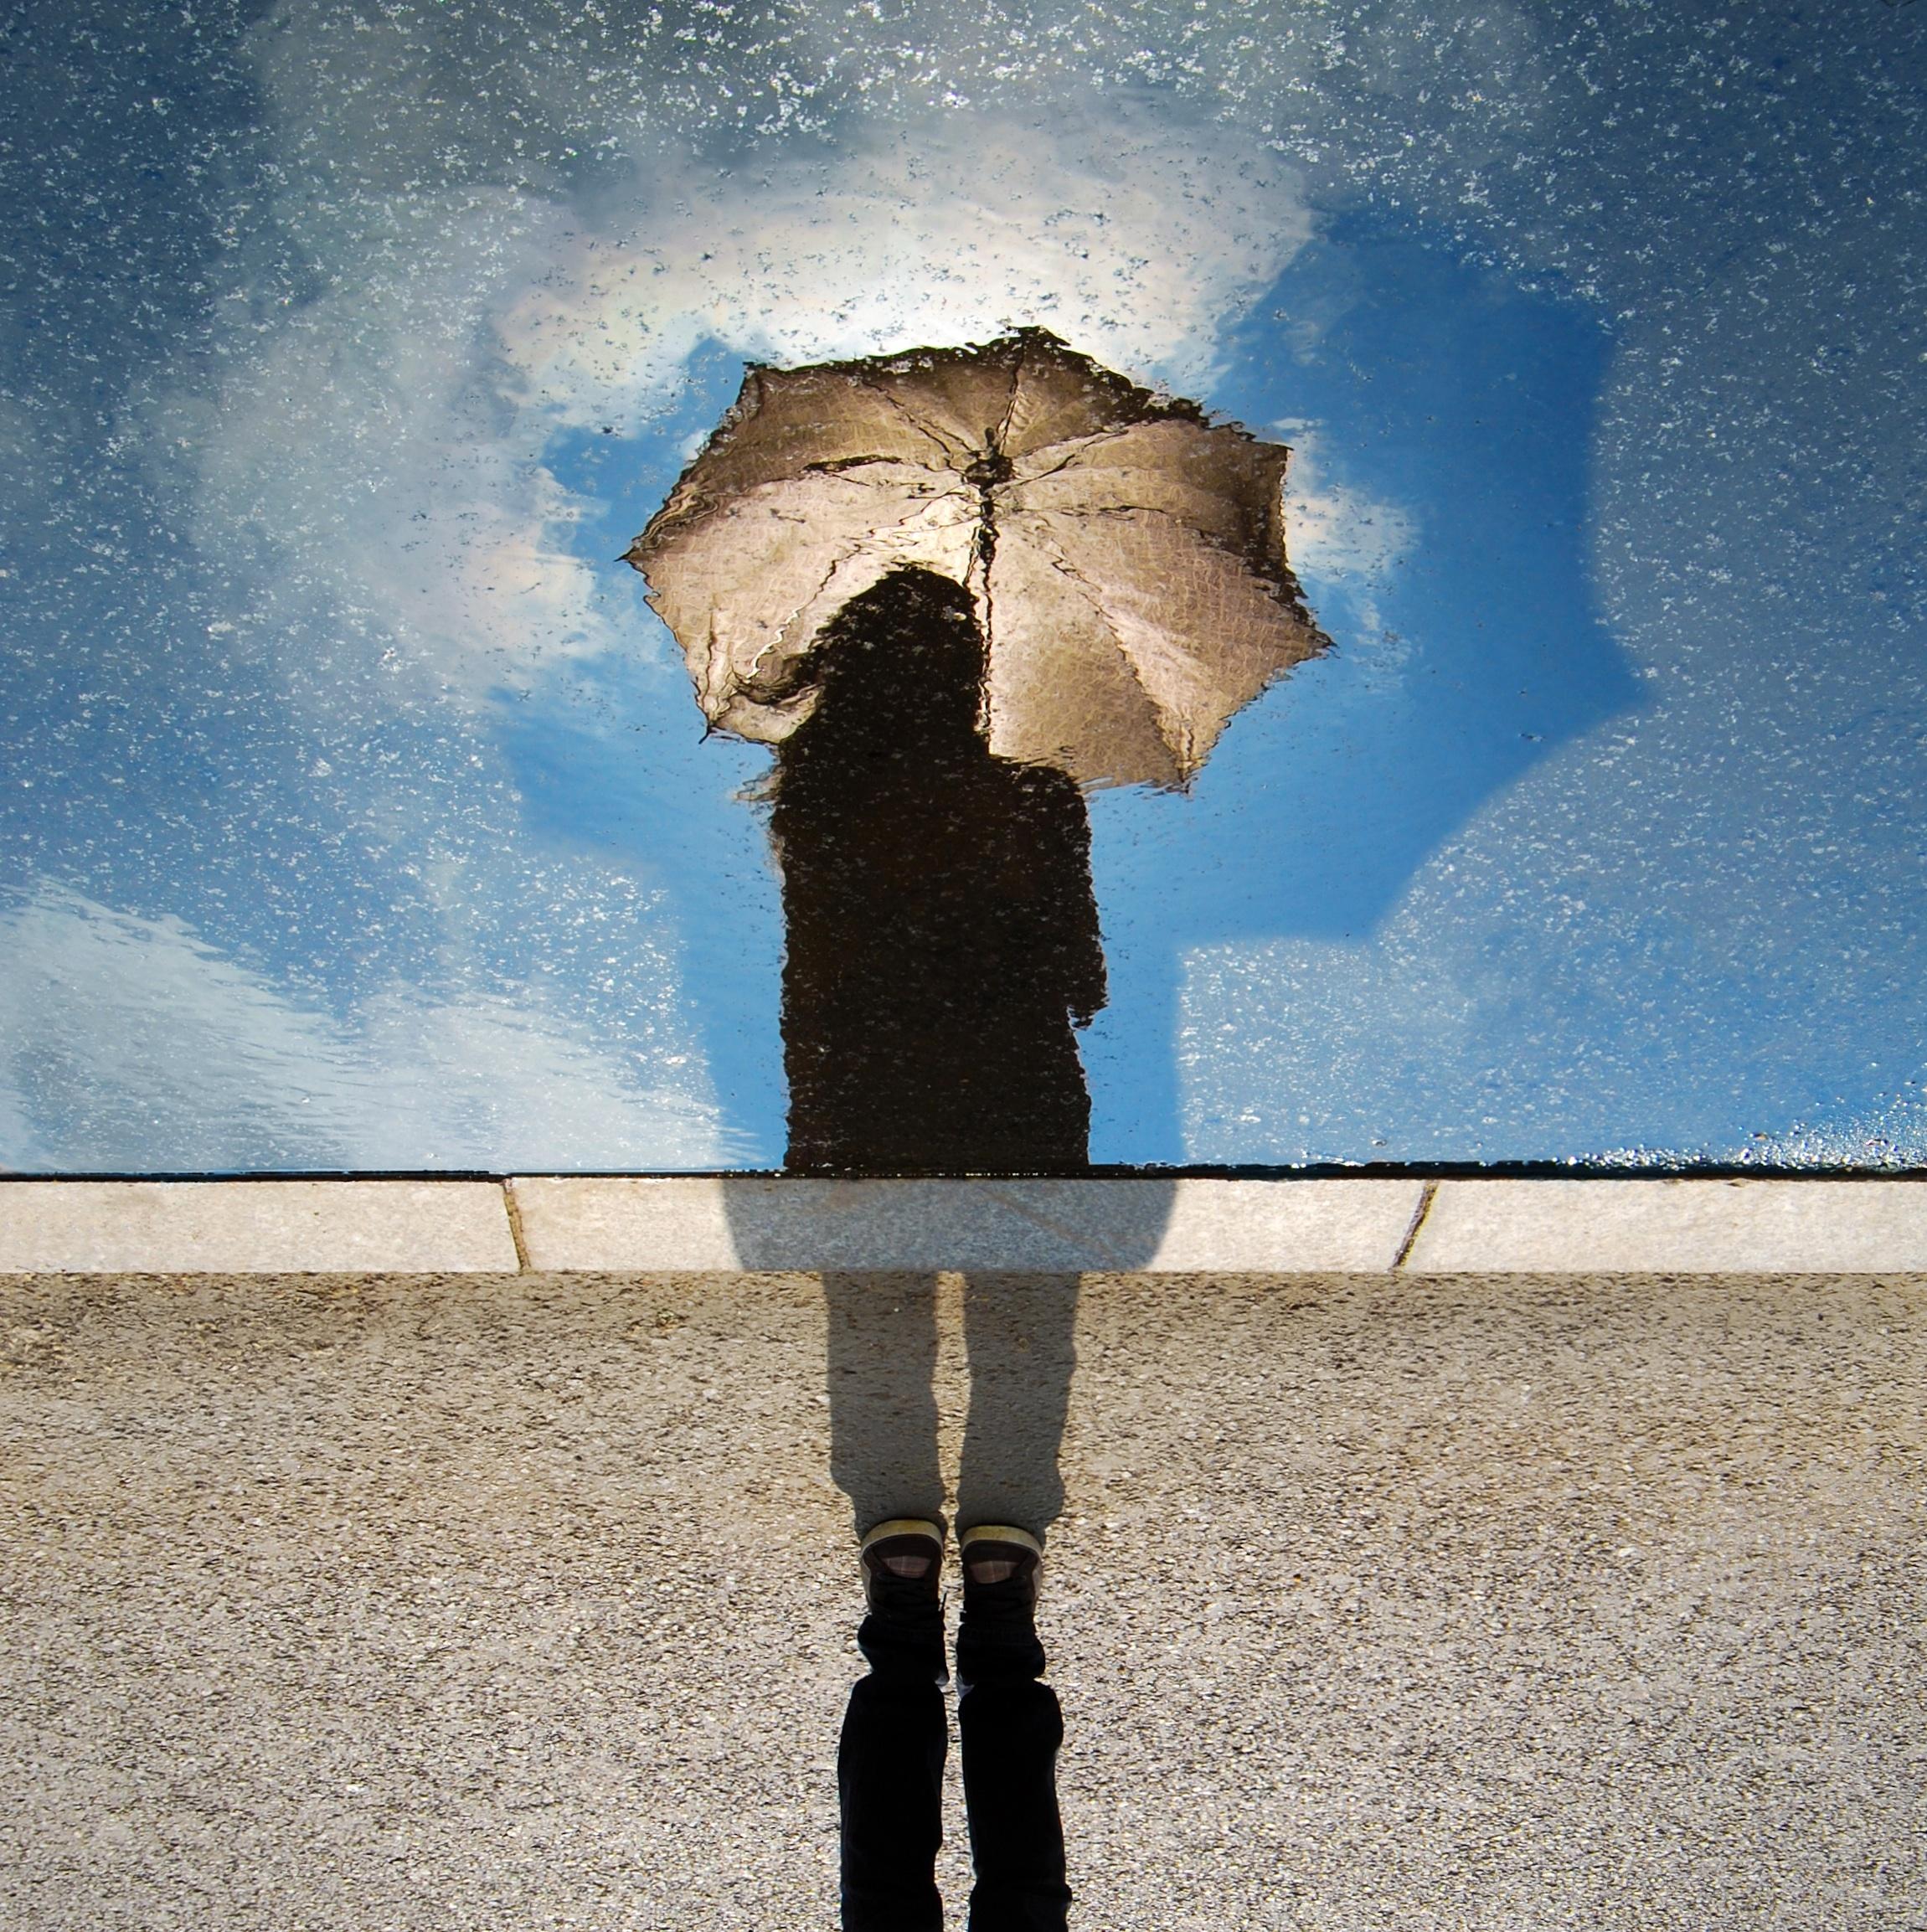 Liberecký vynález dokáže změnit dešťovou vodu na pitnou